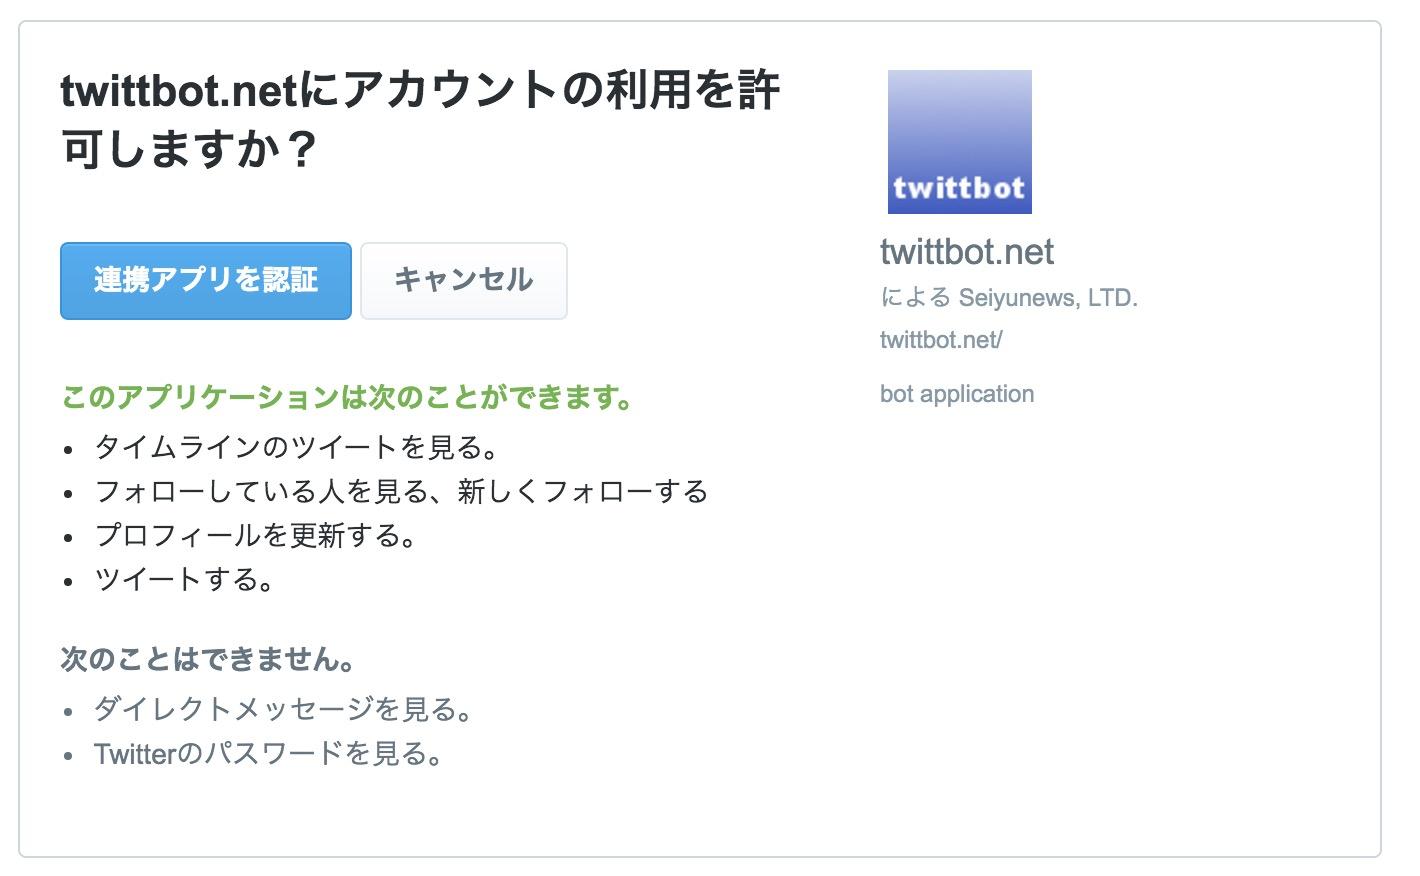 スクリーンショット 2016-04-01 08.36.55